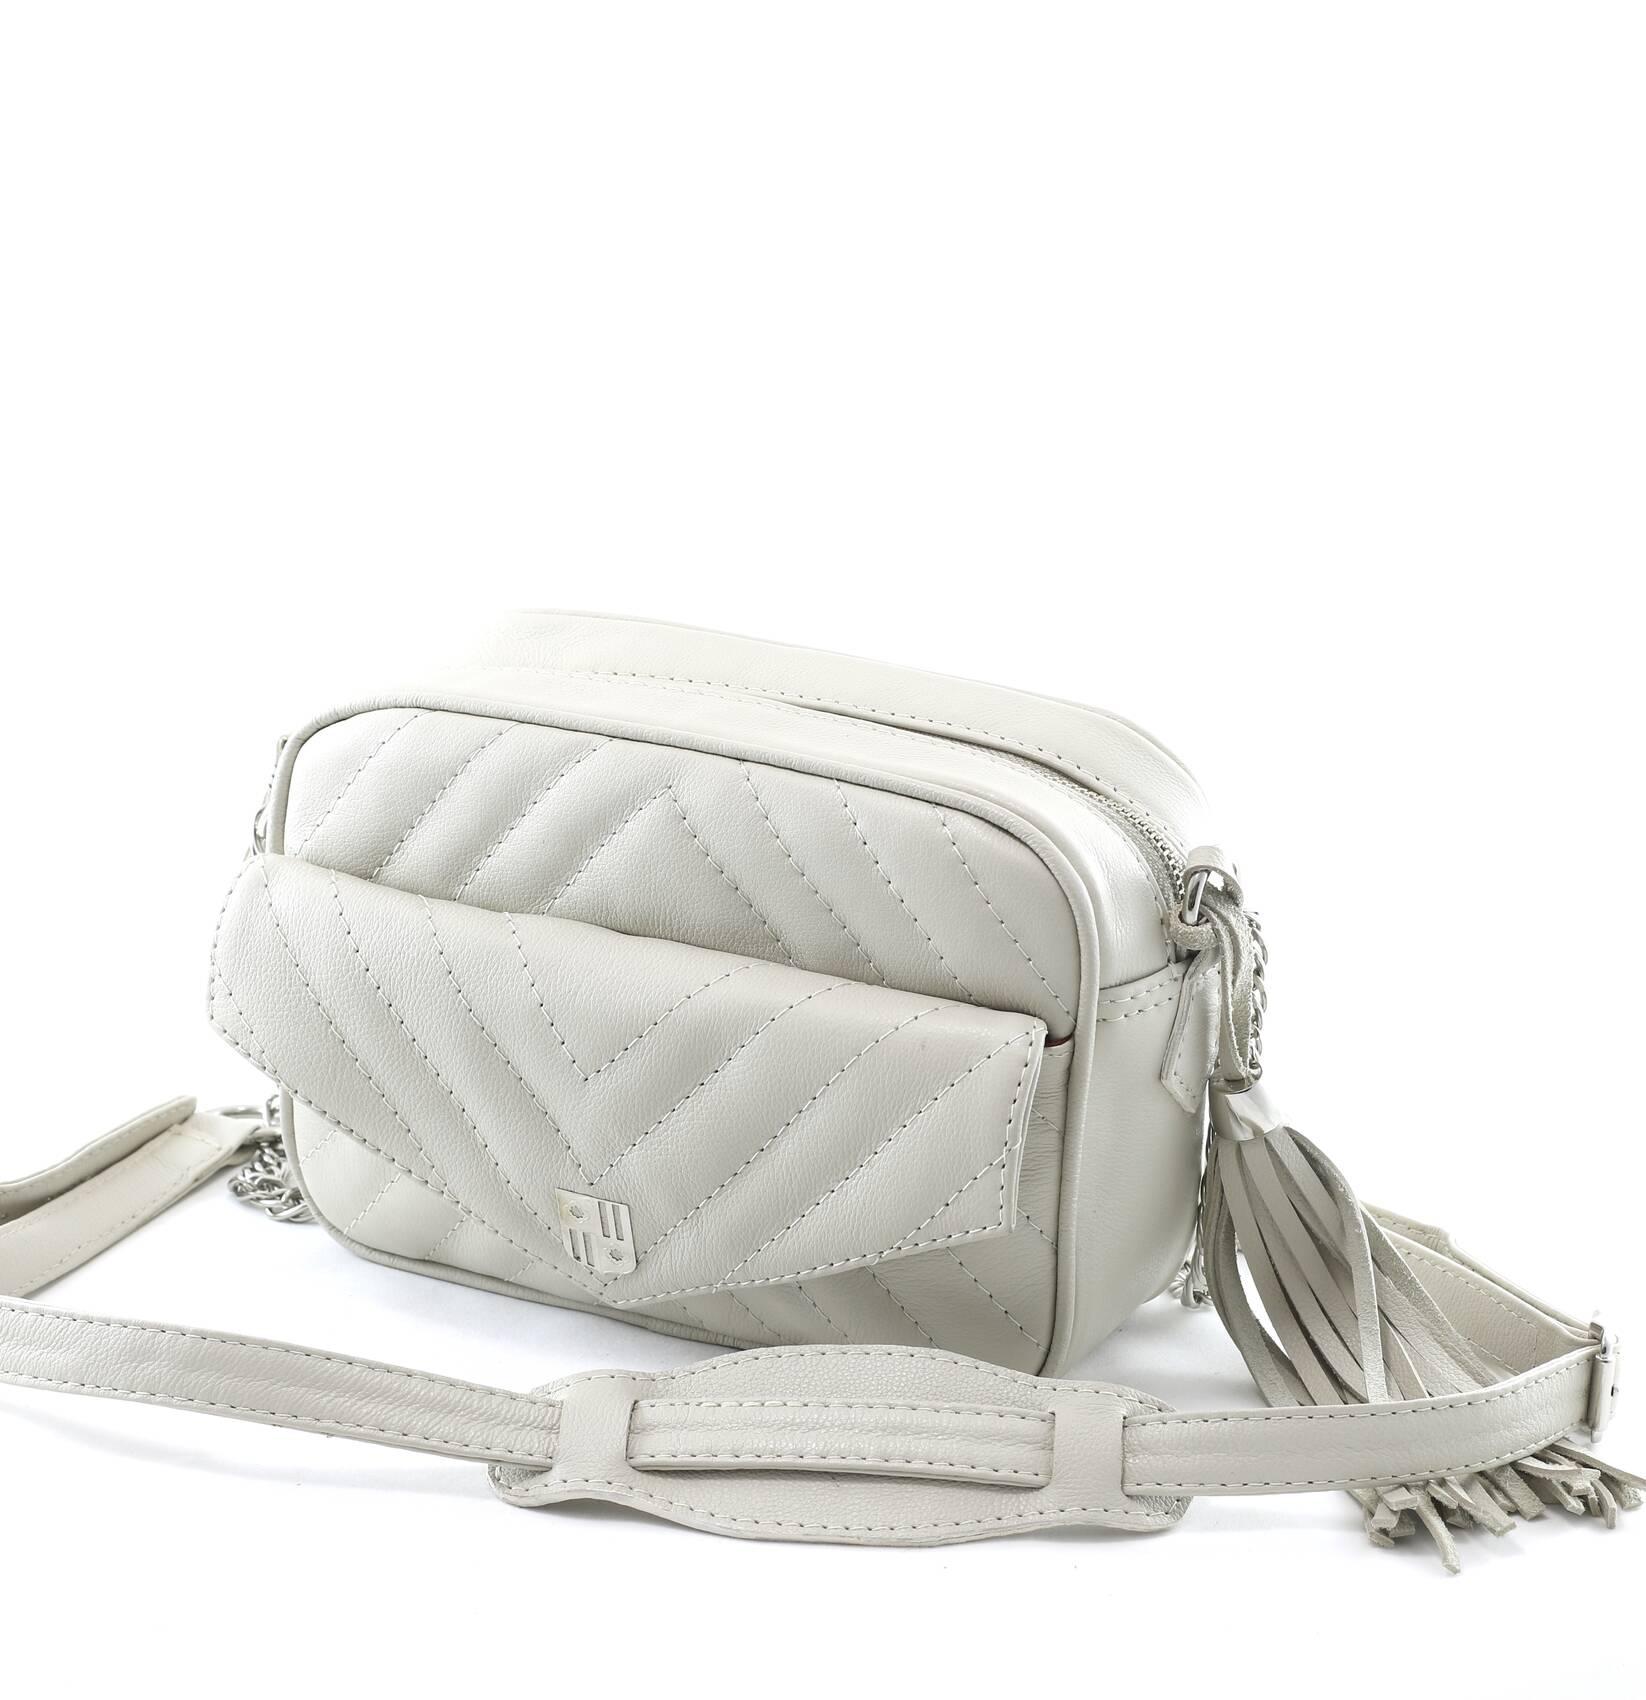 MADRID P Bolsa pequena a tiracolo couro legítimo branca / off-white